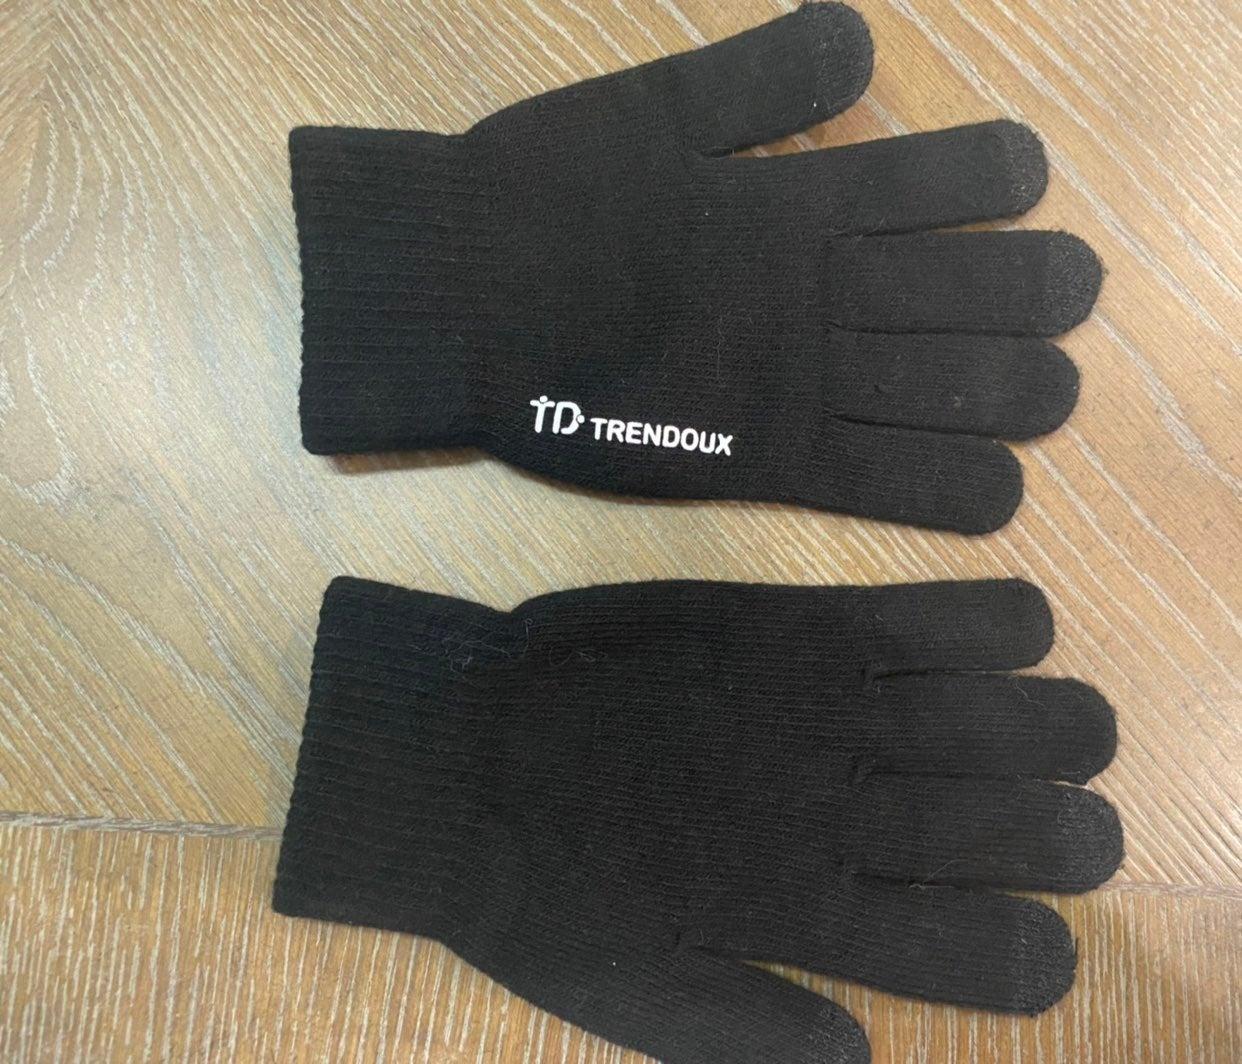 Trendoux Gloves medium/large